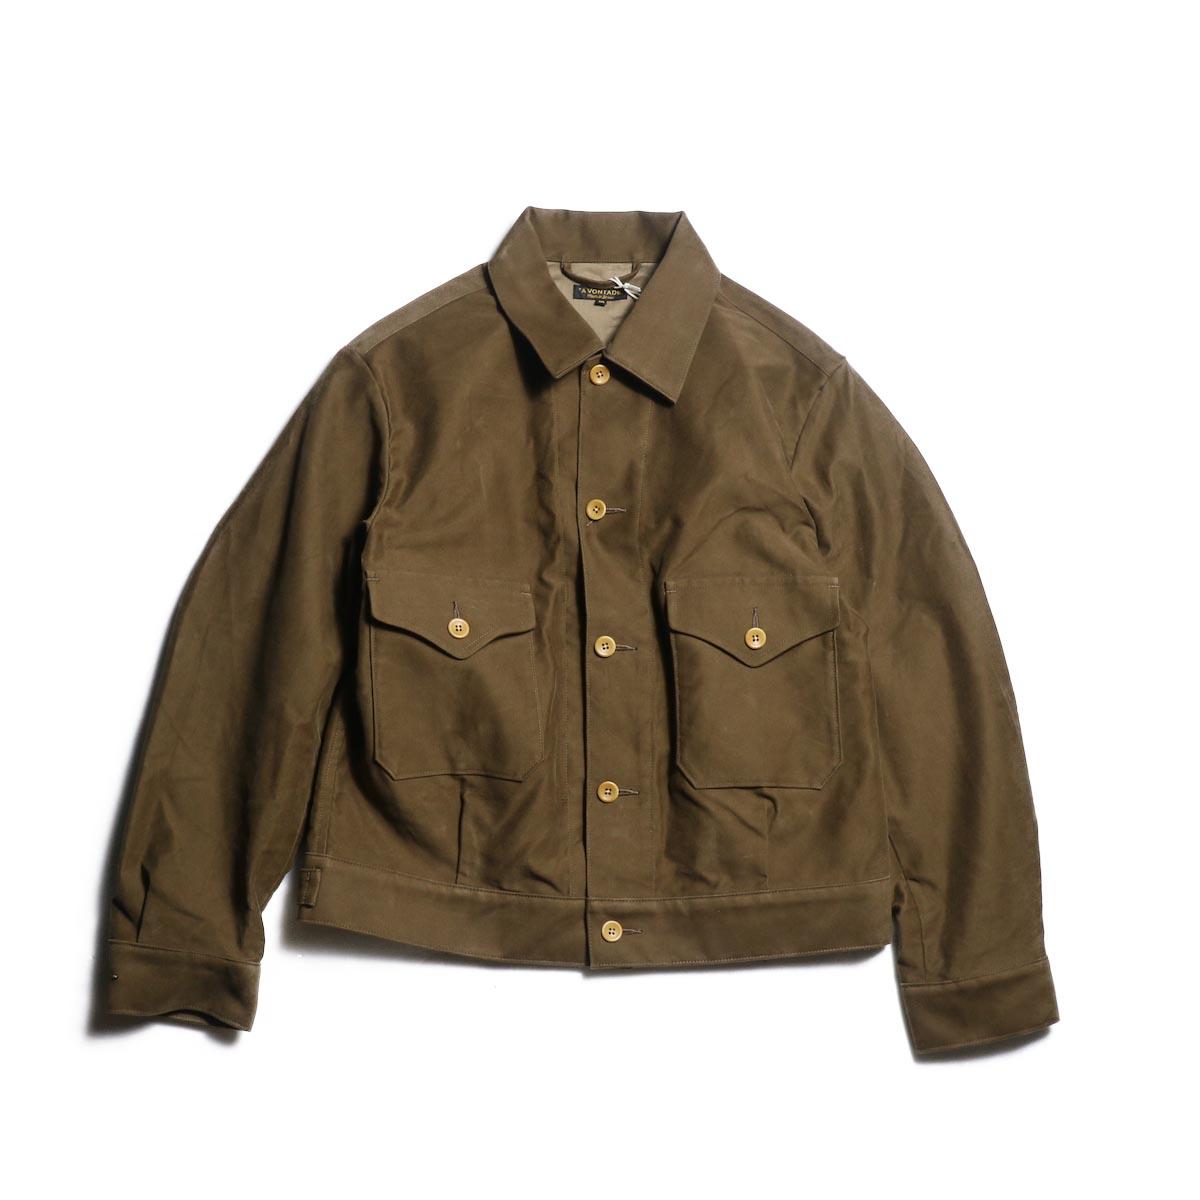 A VONTADE / IKE Short Jacket (Ciger Brown)